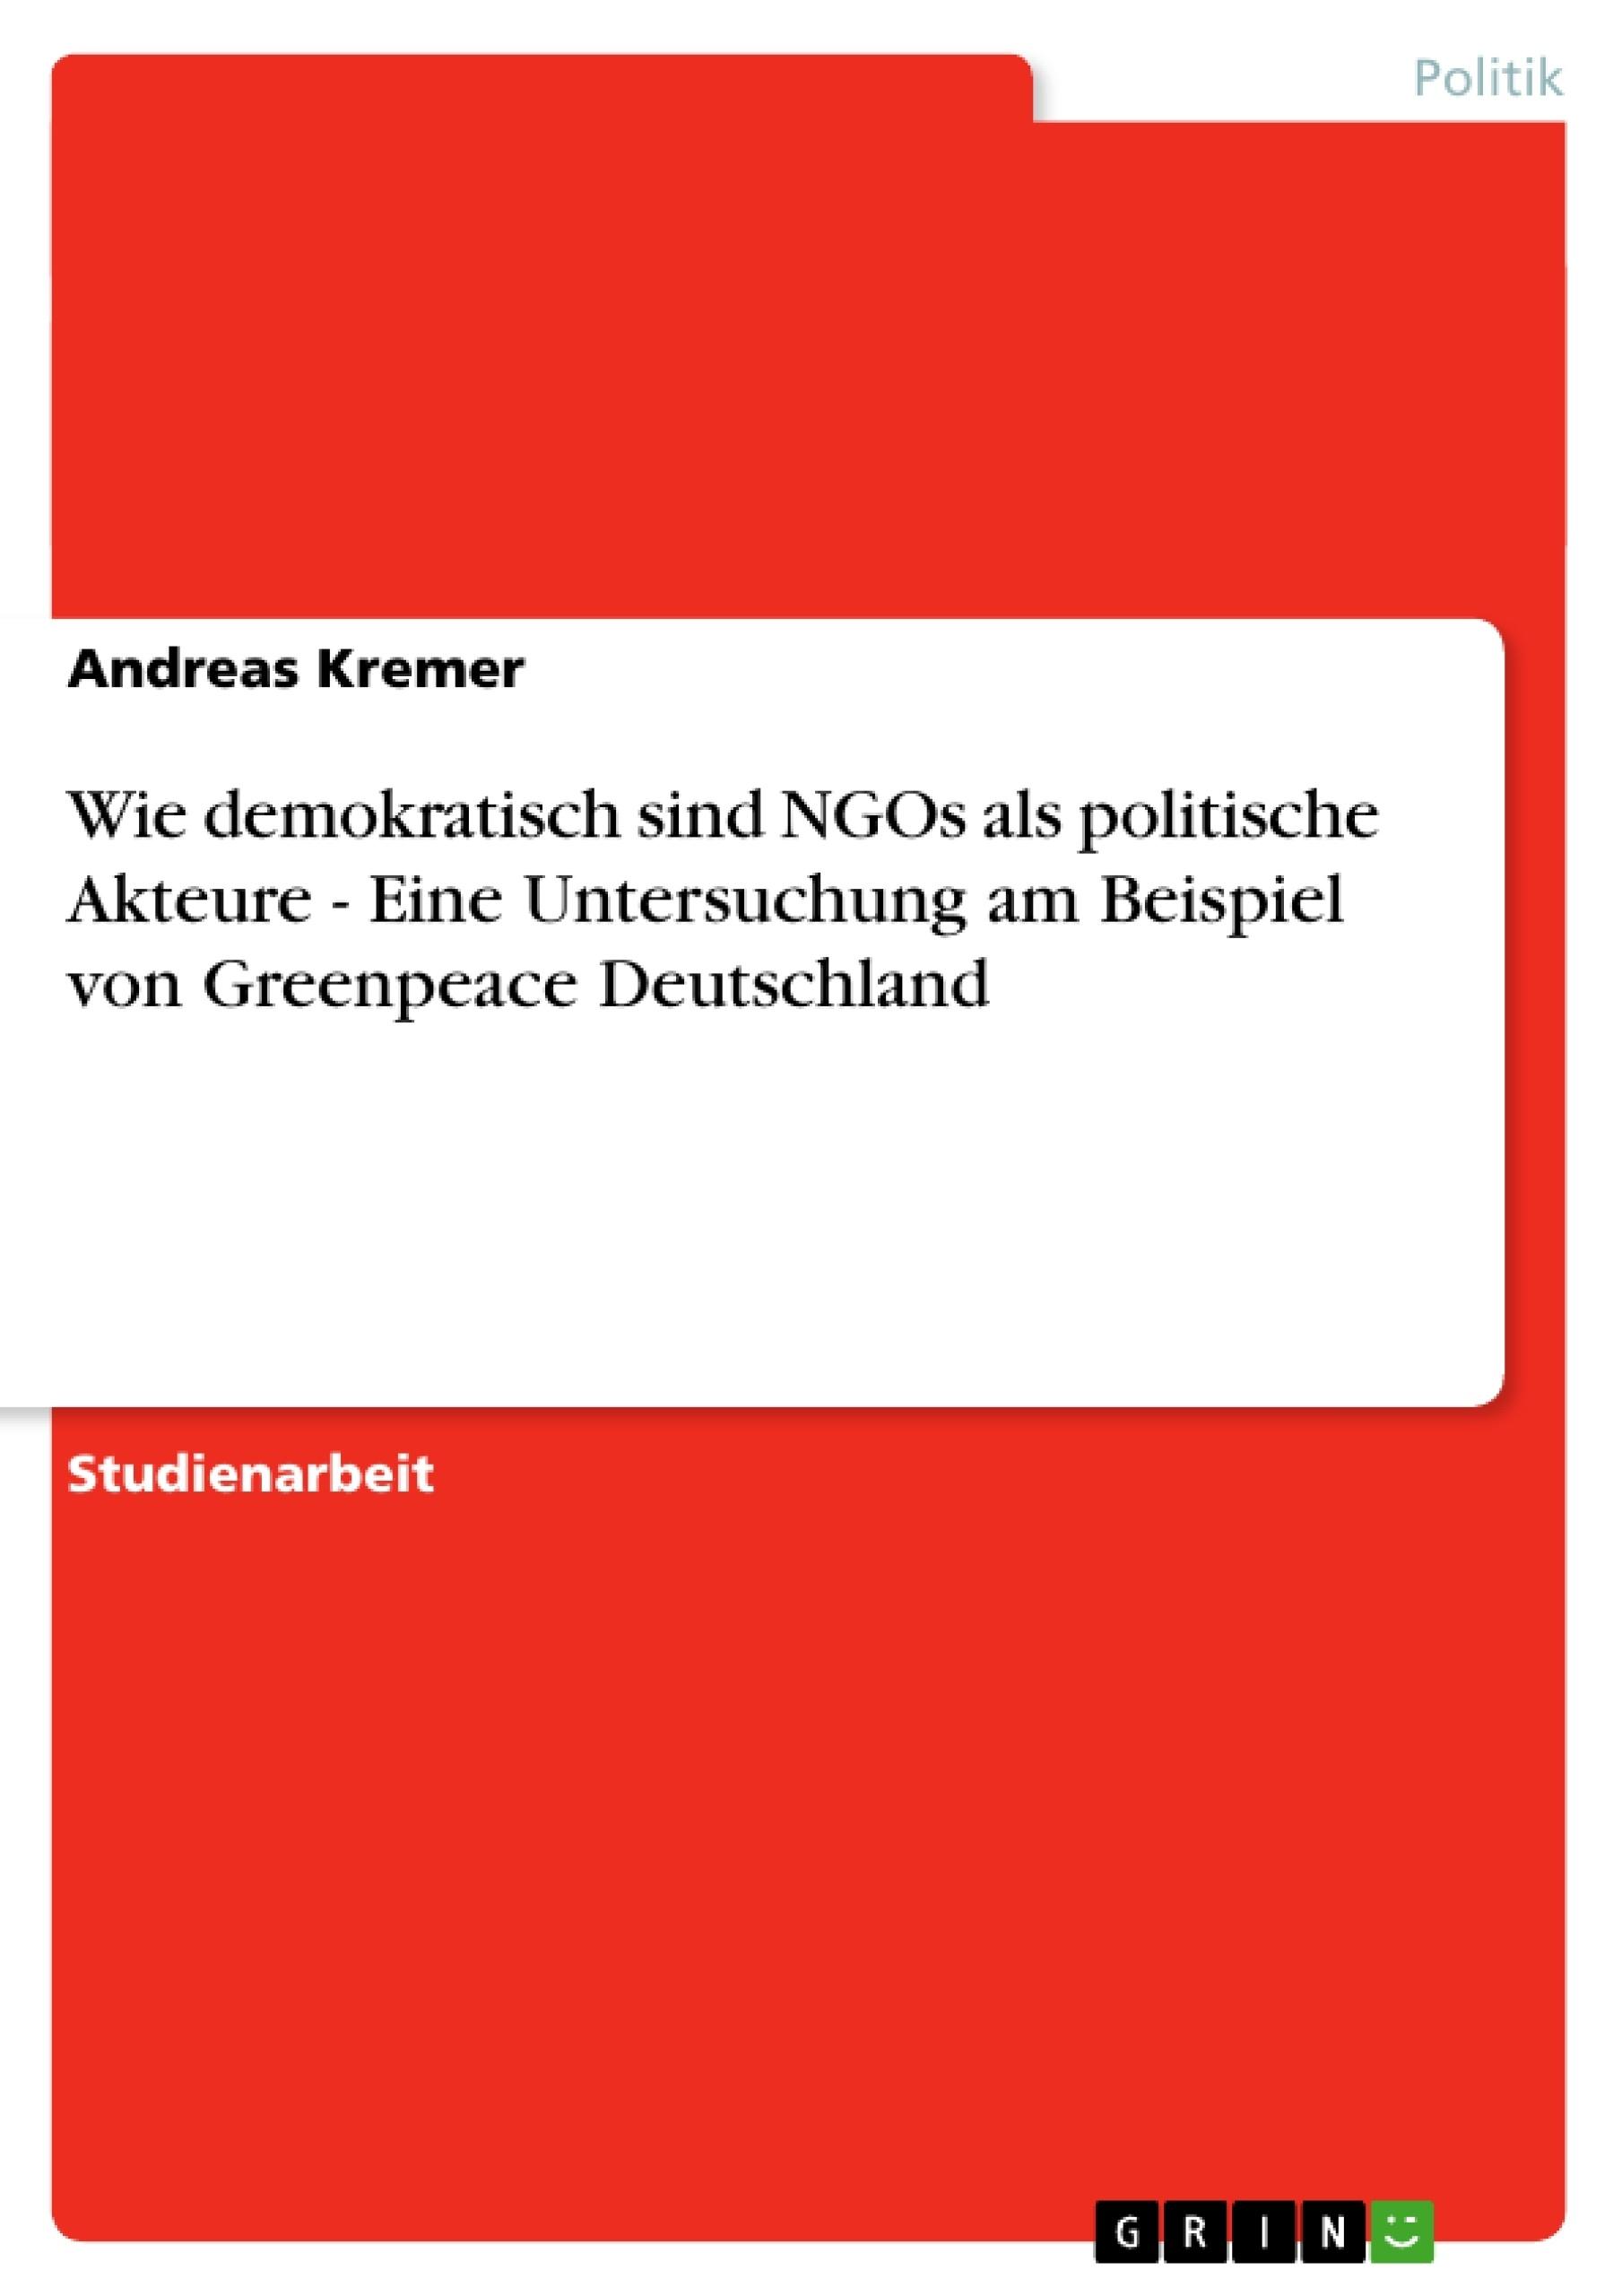 Titel: Wie demokratisch sind NGOs als politische Akteure - Eine Untersuchung am Beispiel von Greenpeace Deutschland